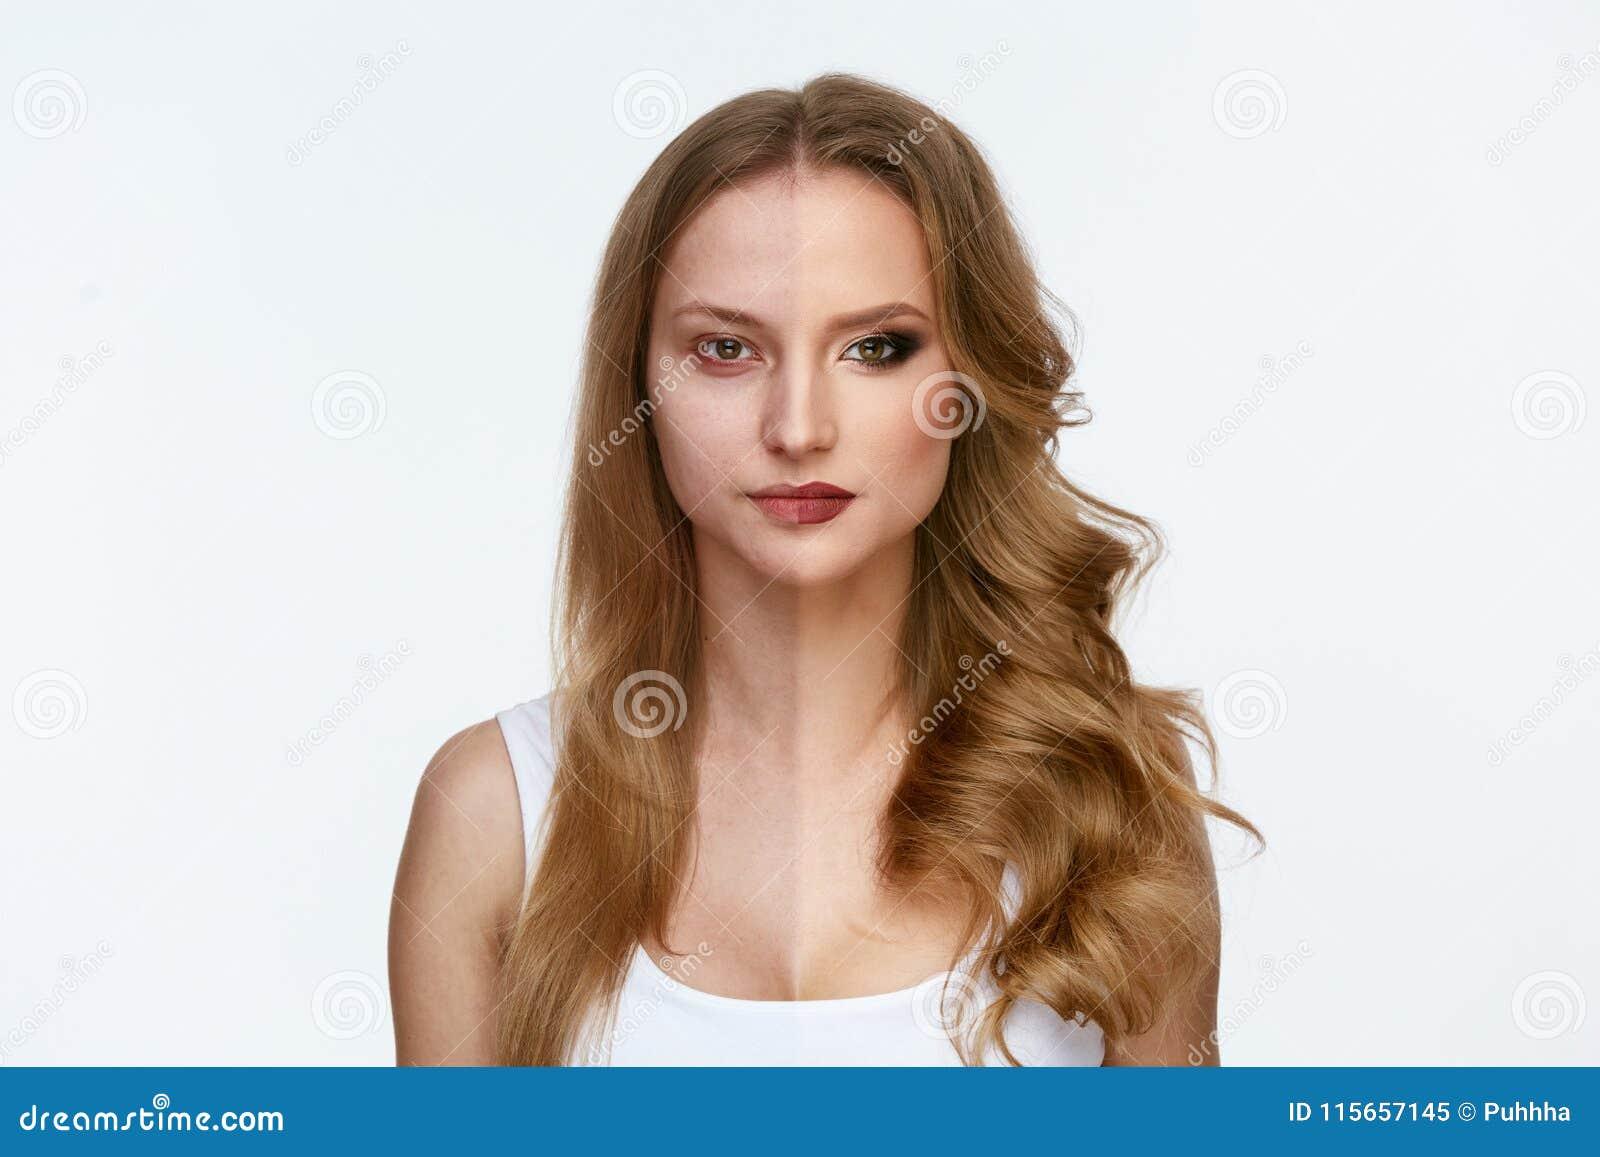 Makeupmakt Makeup för skönhet för kvinnaframsida före och efter